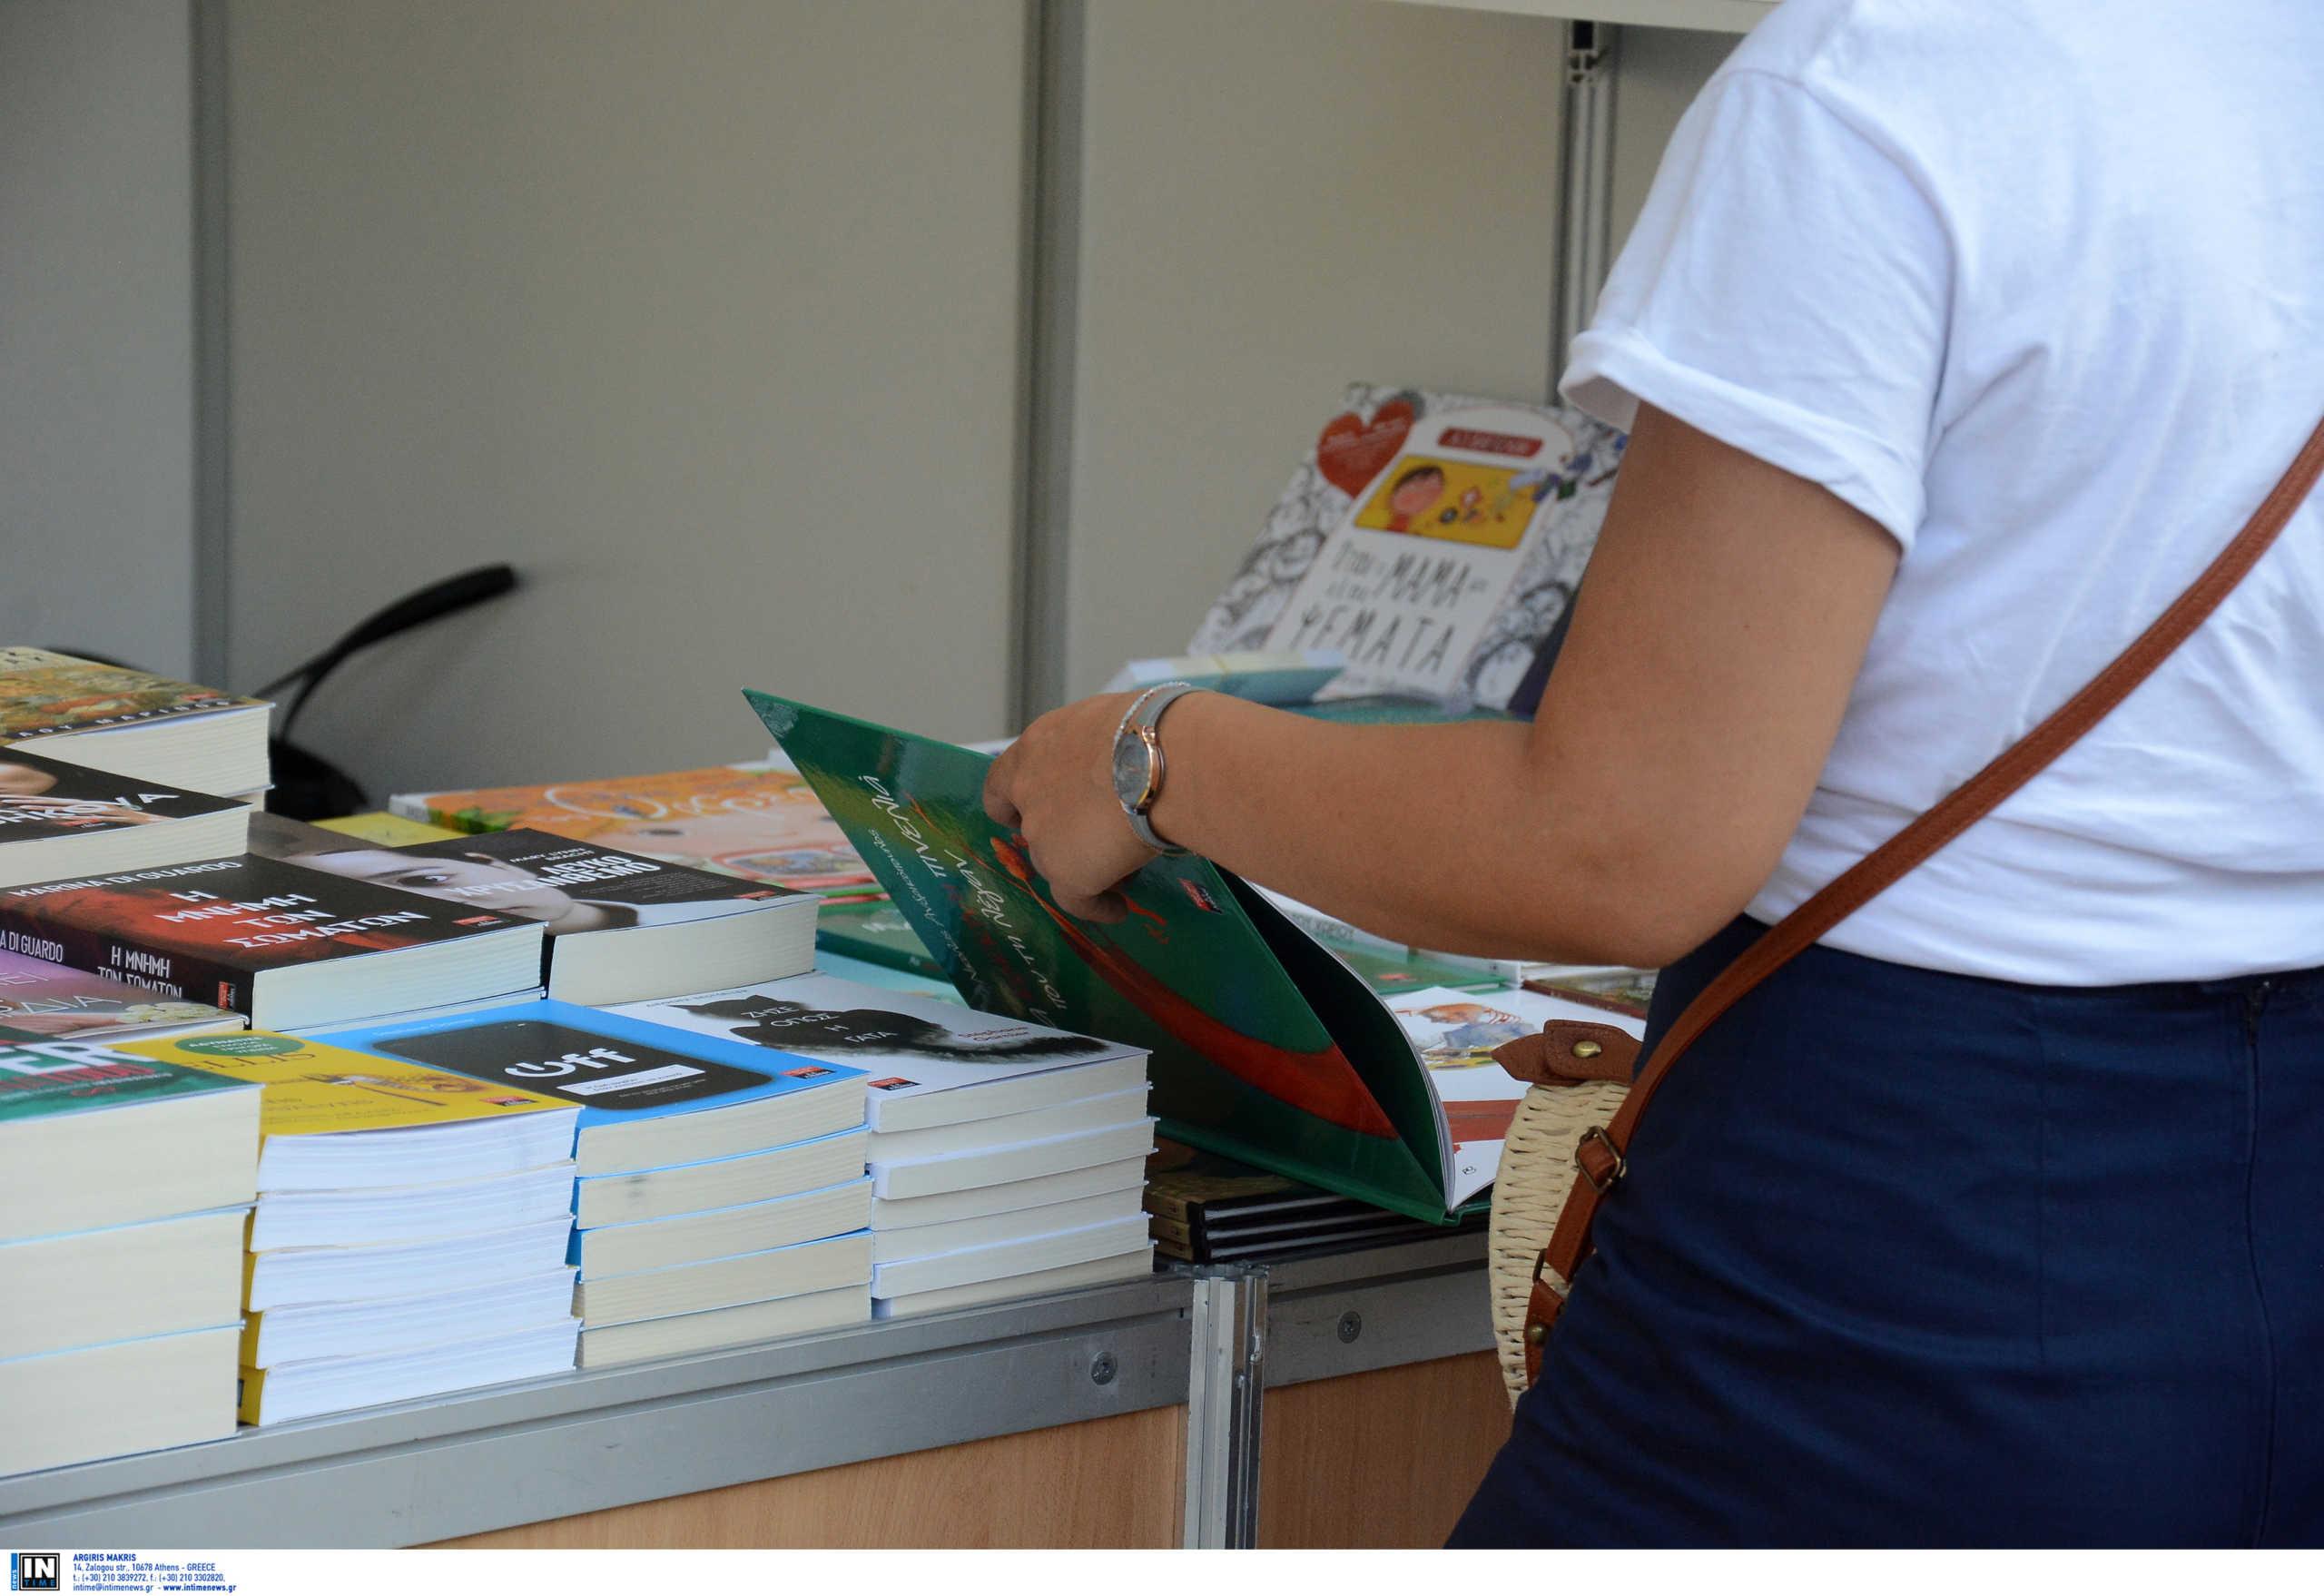 Θεσσαλονίκη: Οι έλεγχοι στο φεστιβάλ βιβλίου έφεραν αντιδράσεις